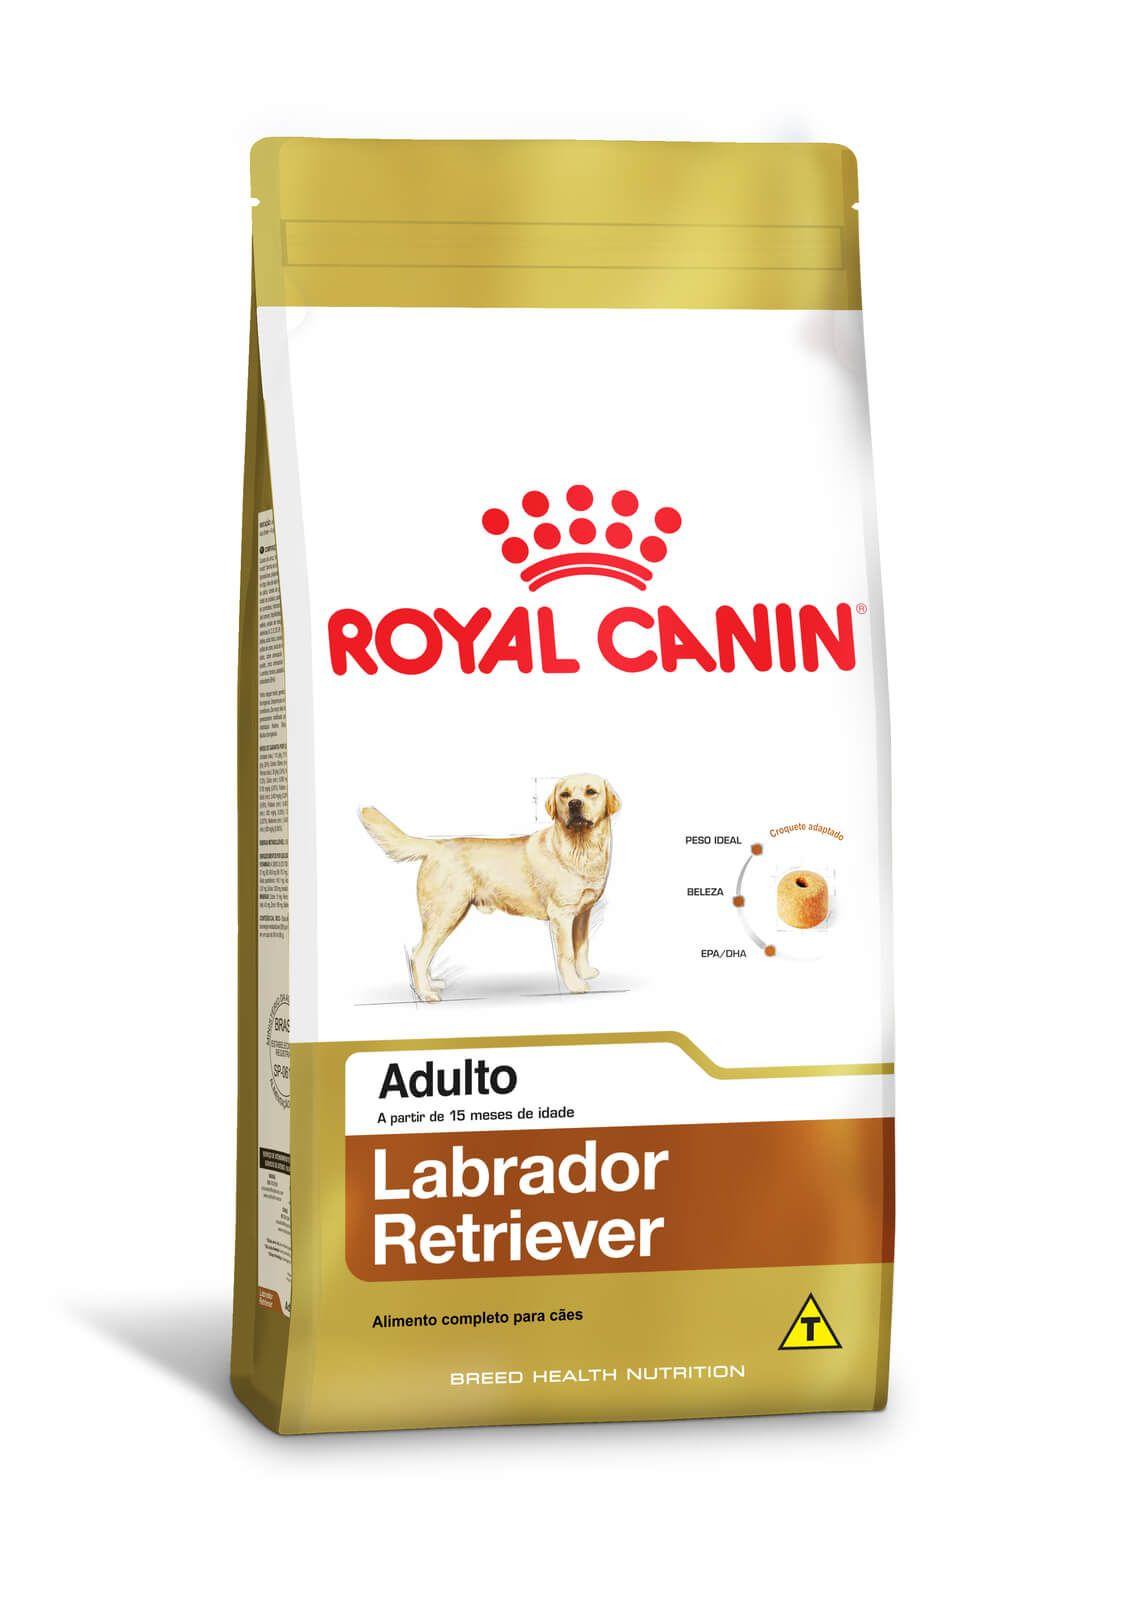 Ração Royal Canin Labrador Retriever Adult 12kg